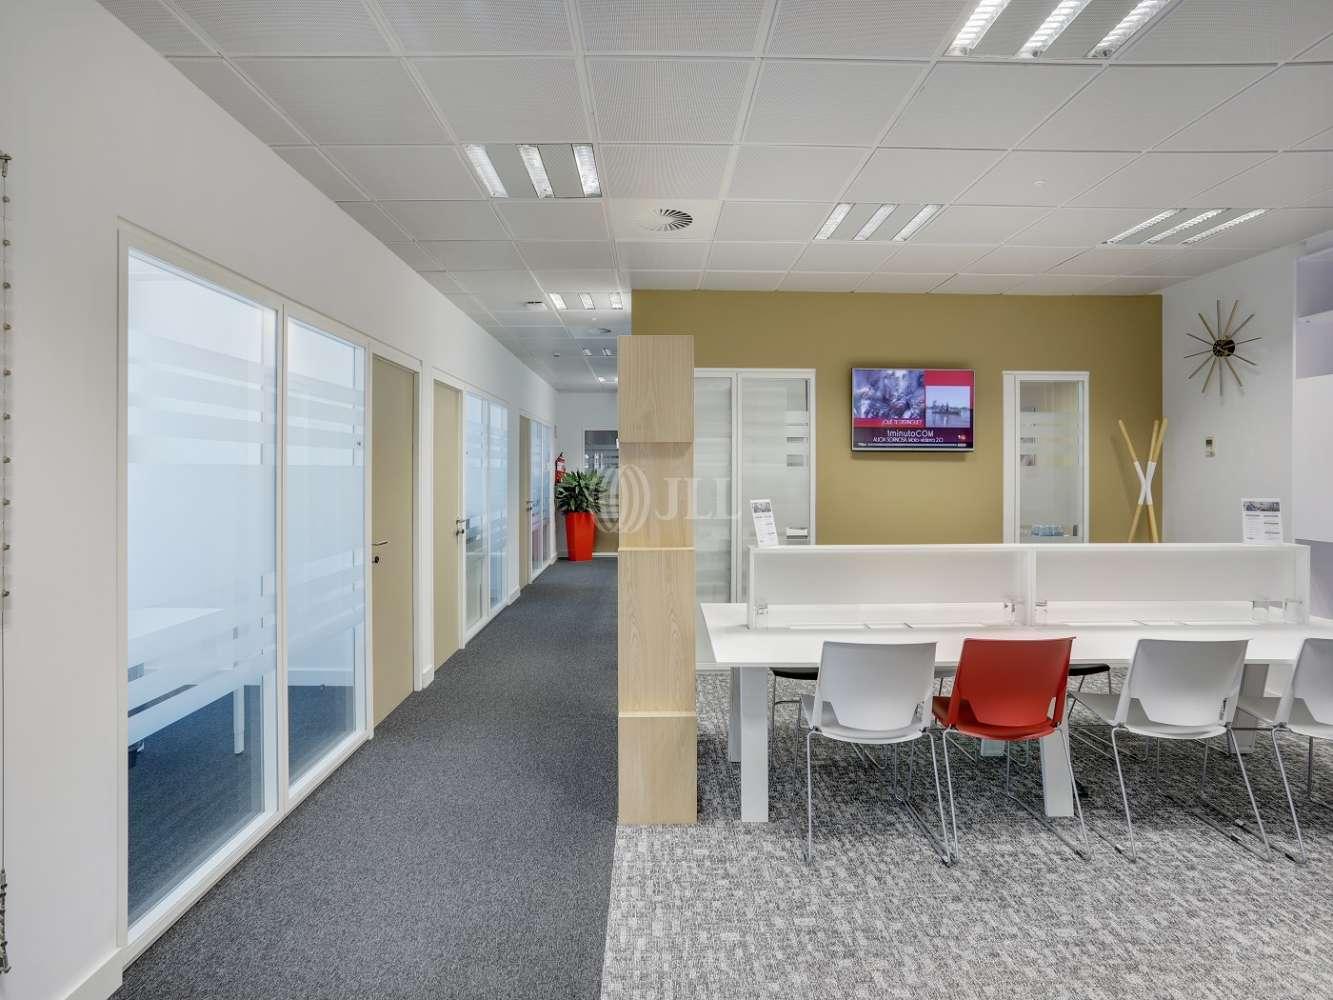 Oficina Madrid, 28050 - Coworking - FUENTE DE LA MORA 9 - 20243